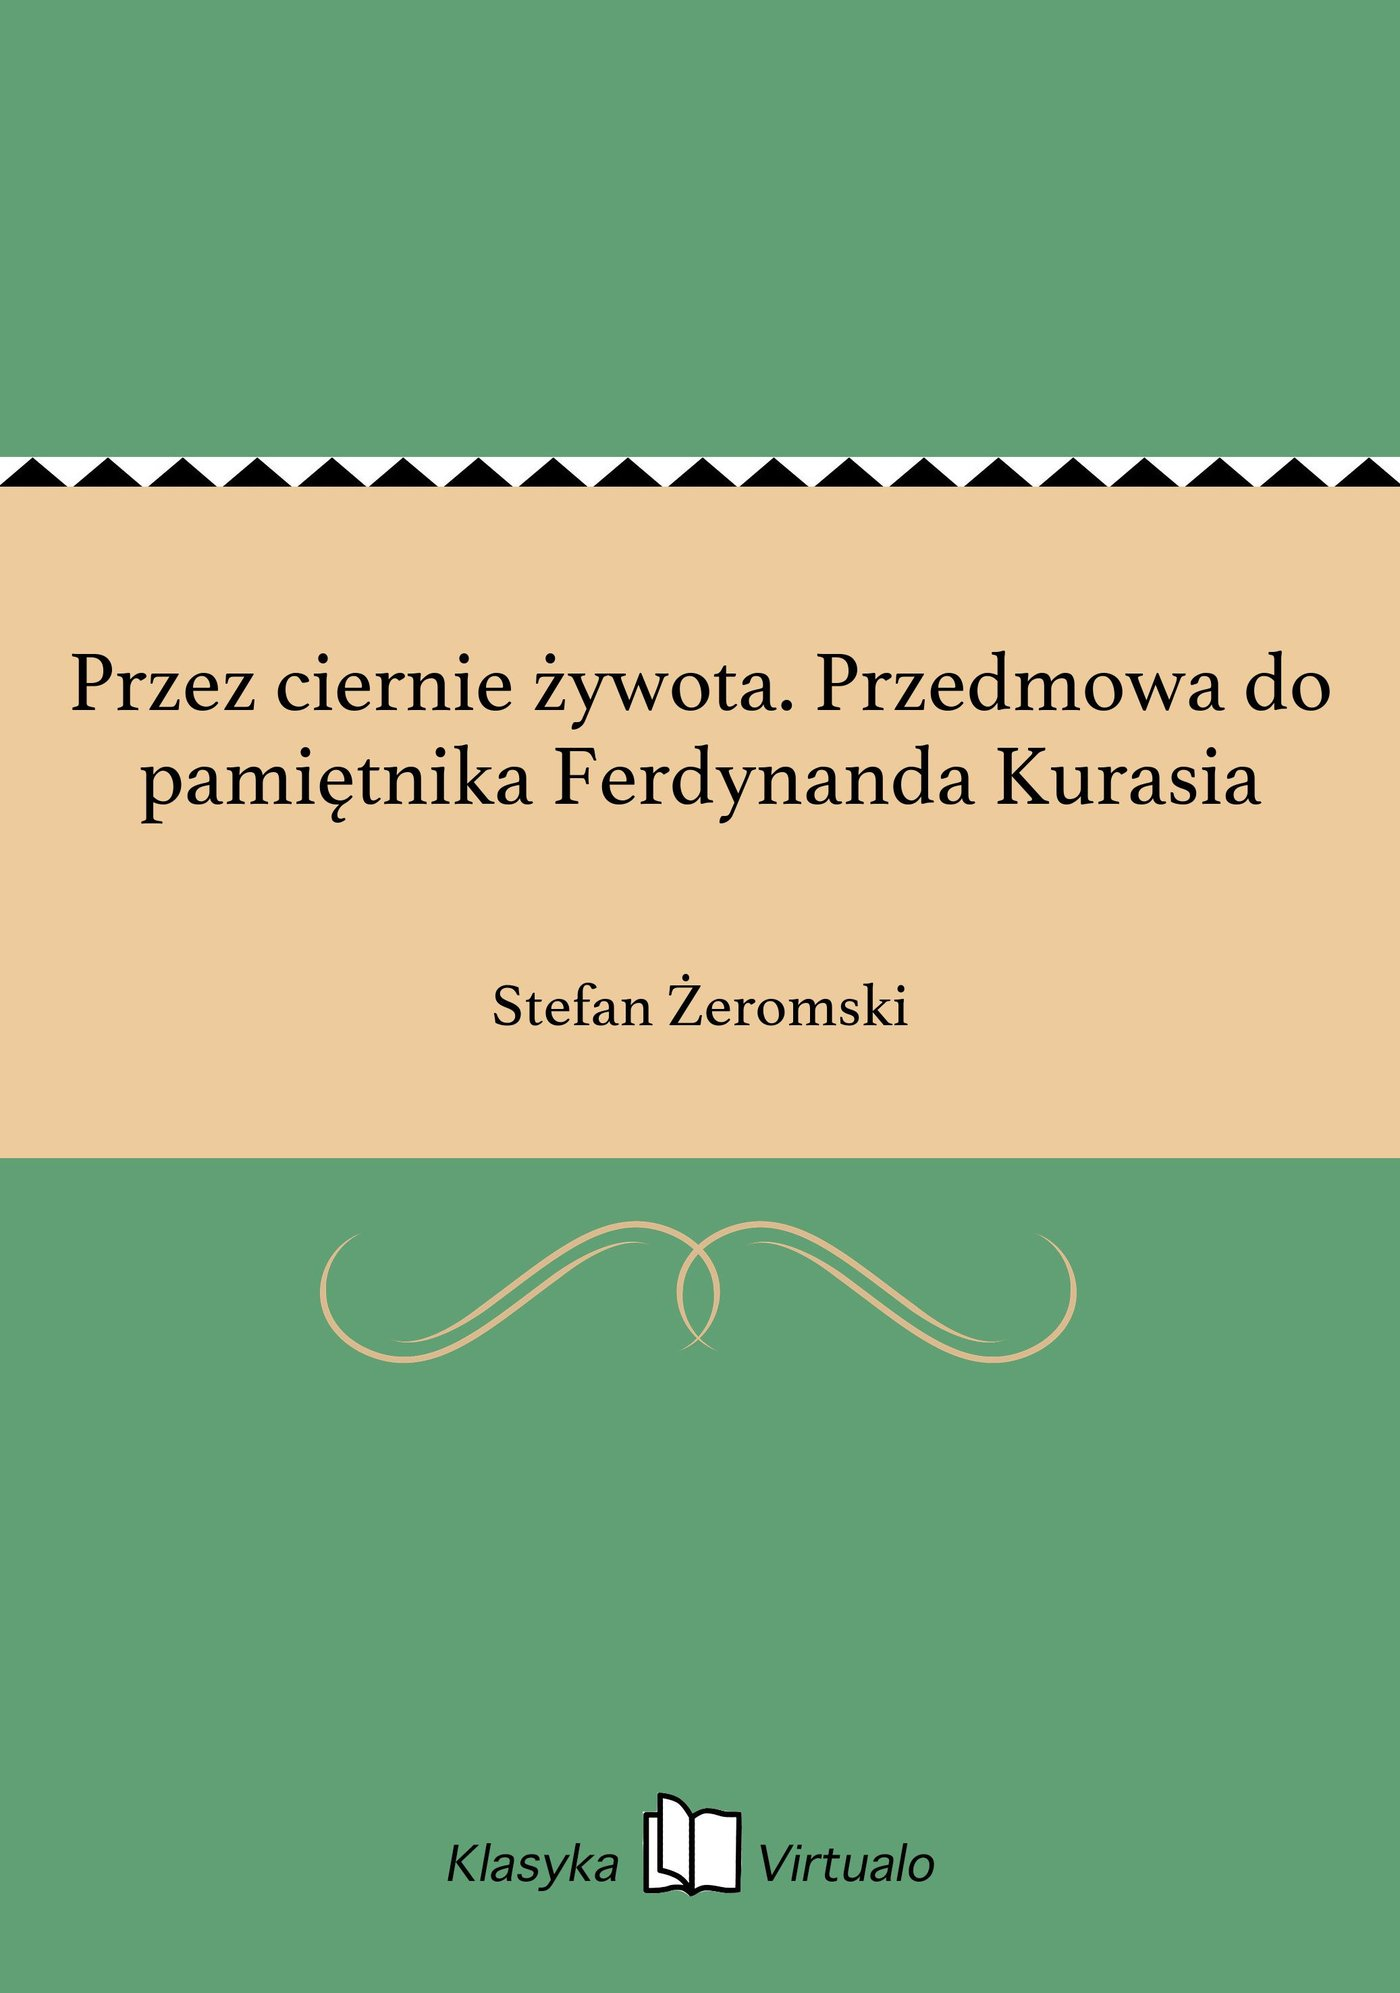 Przez ciernie żywota. Przedmowa do pamiętnika Ferdynanda Kurasia - Ebook (Książka EPUB) do pobrania w formacie EPUB